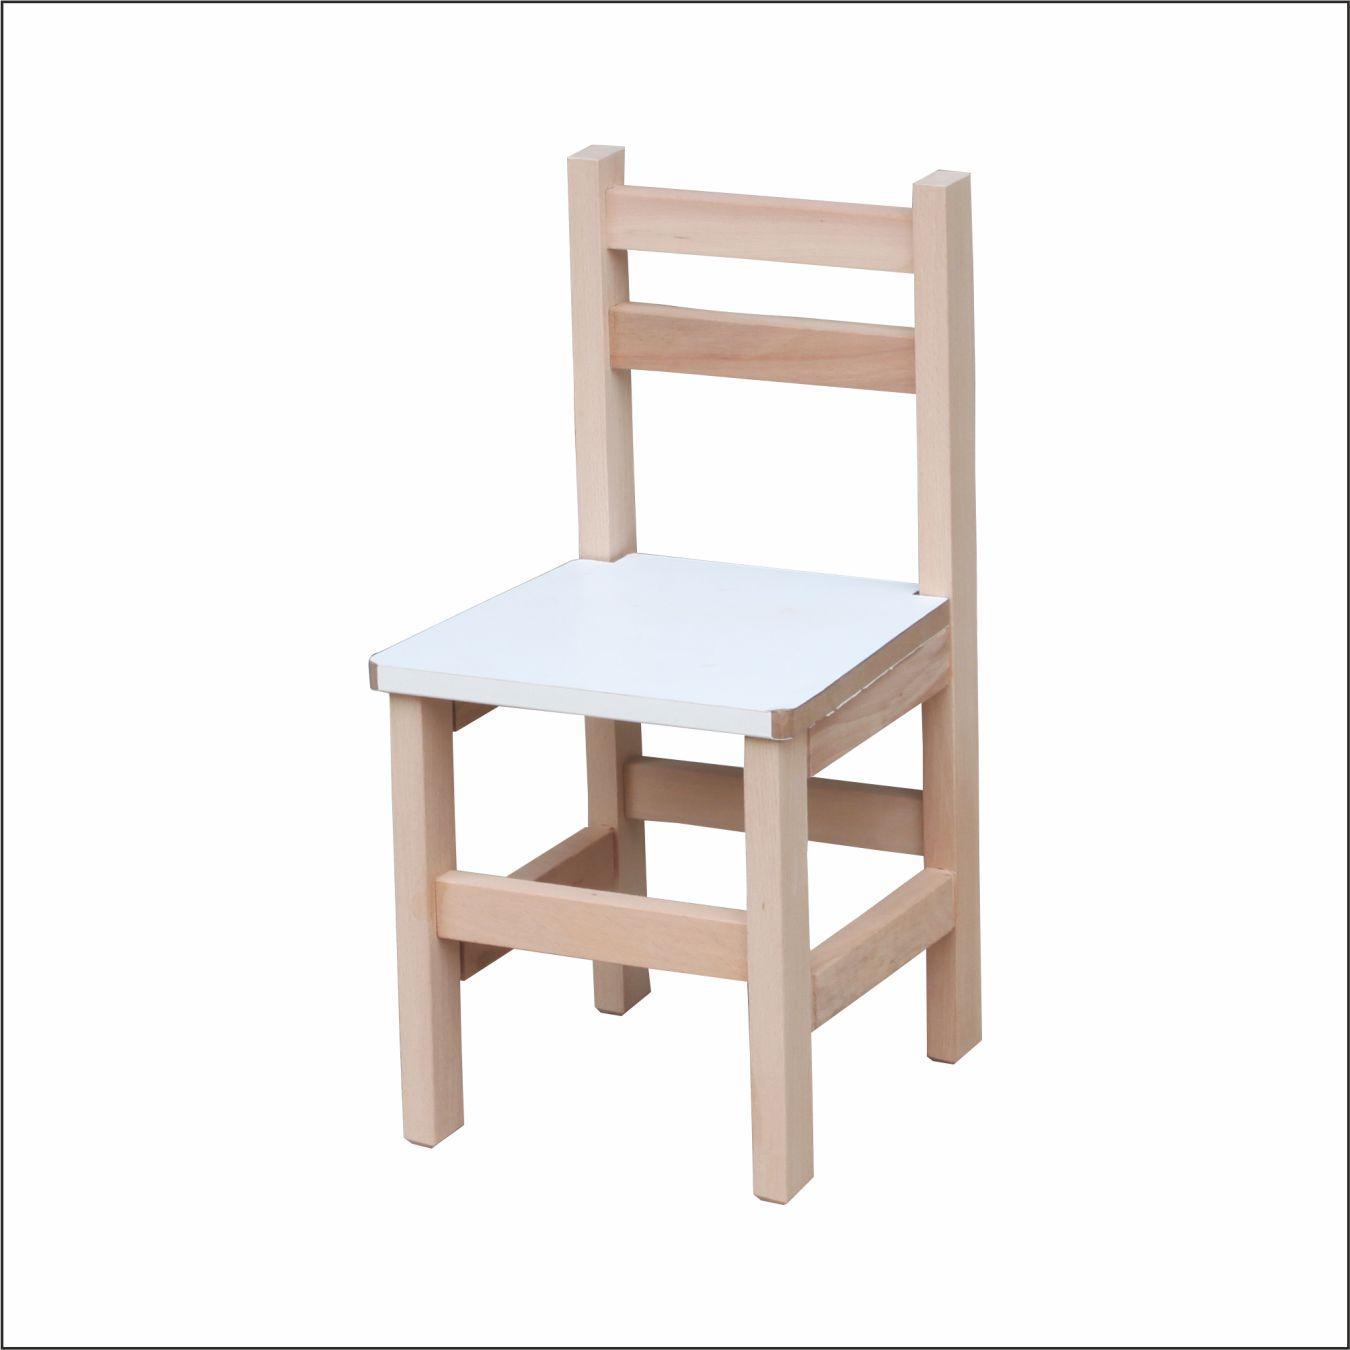 Ham Sandalyeler Fiyatlari Sallanan Sandalyeler N11 Com